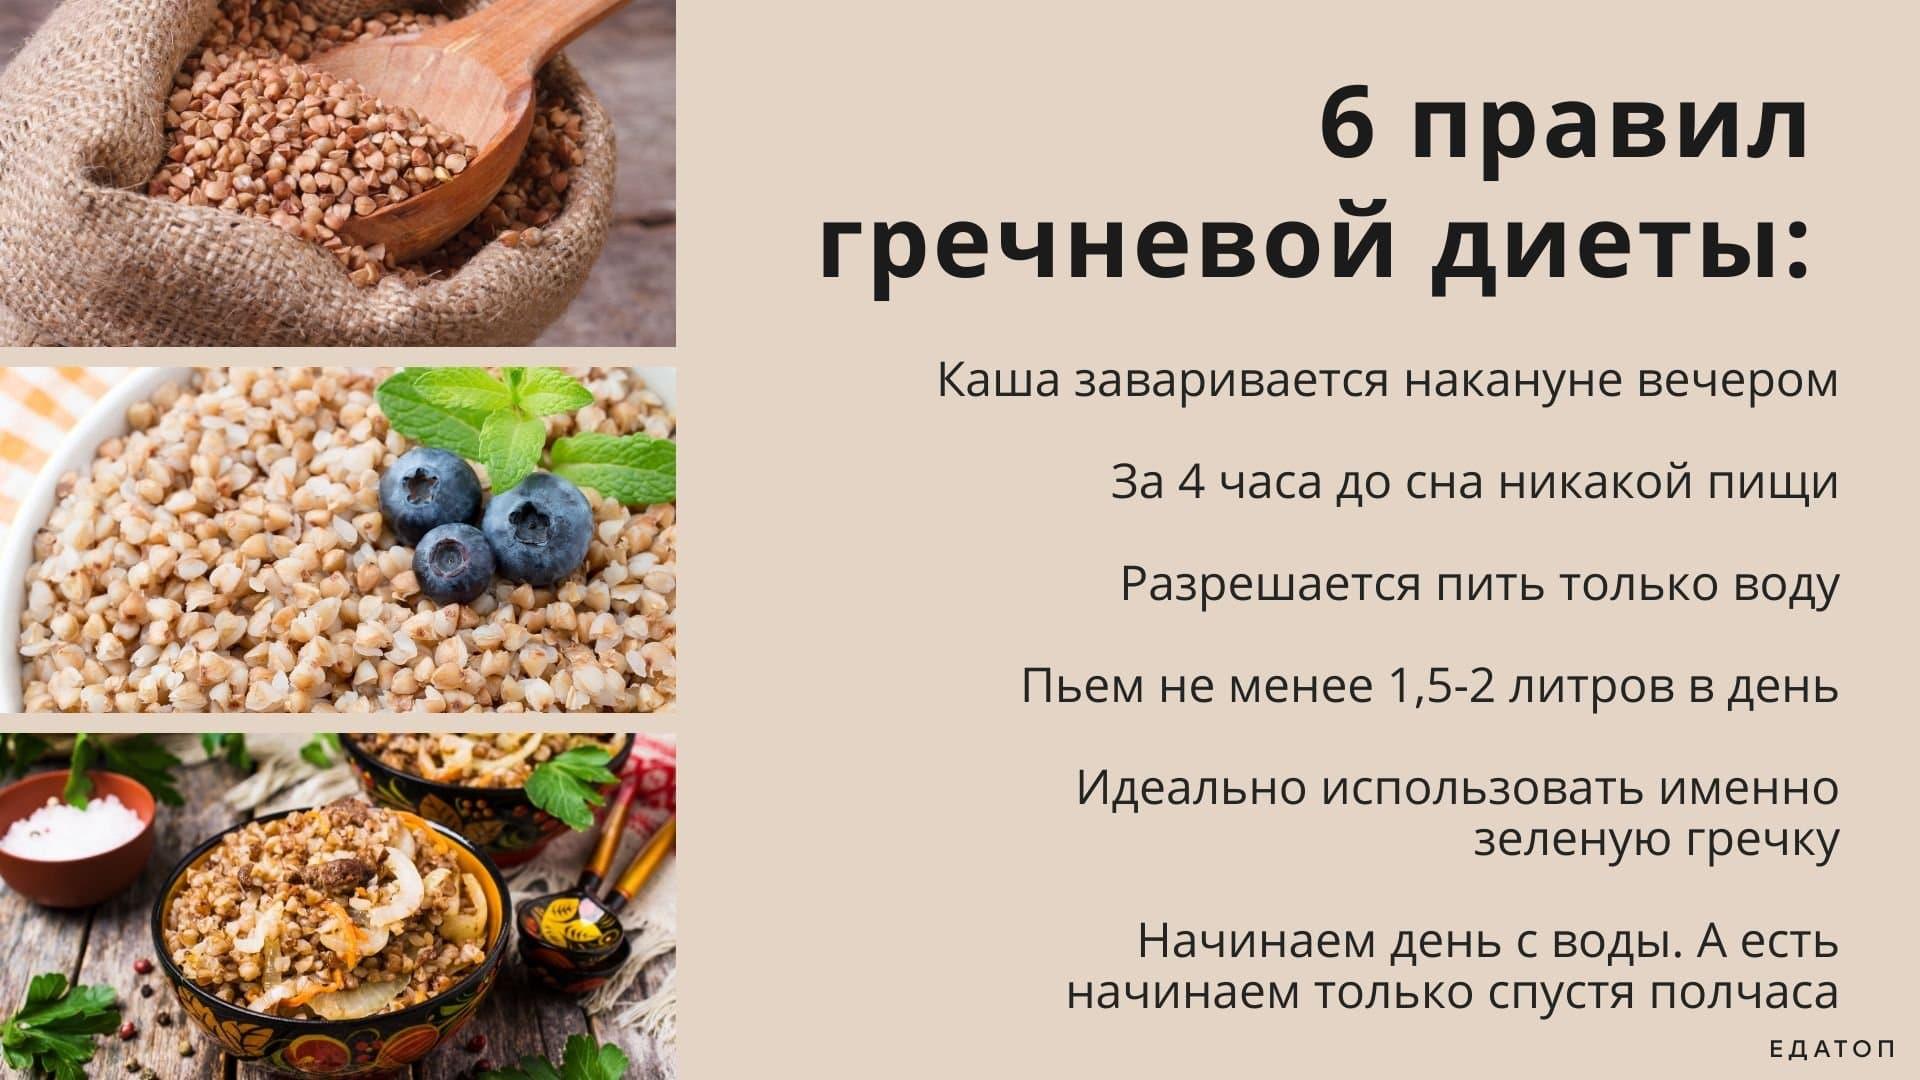 Правило гречневой диеты